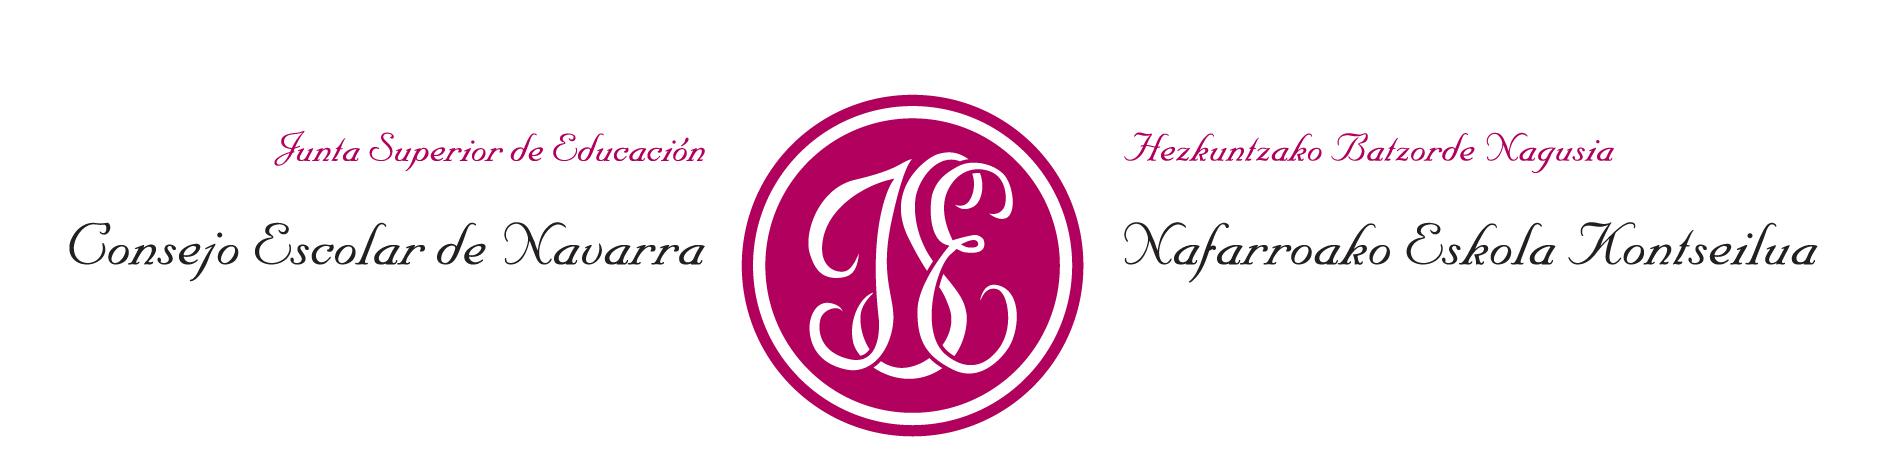 Logotipo del Consejo Escolar